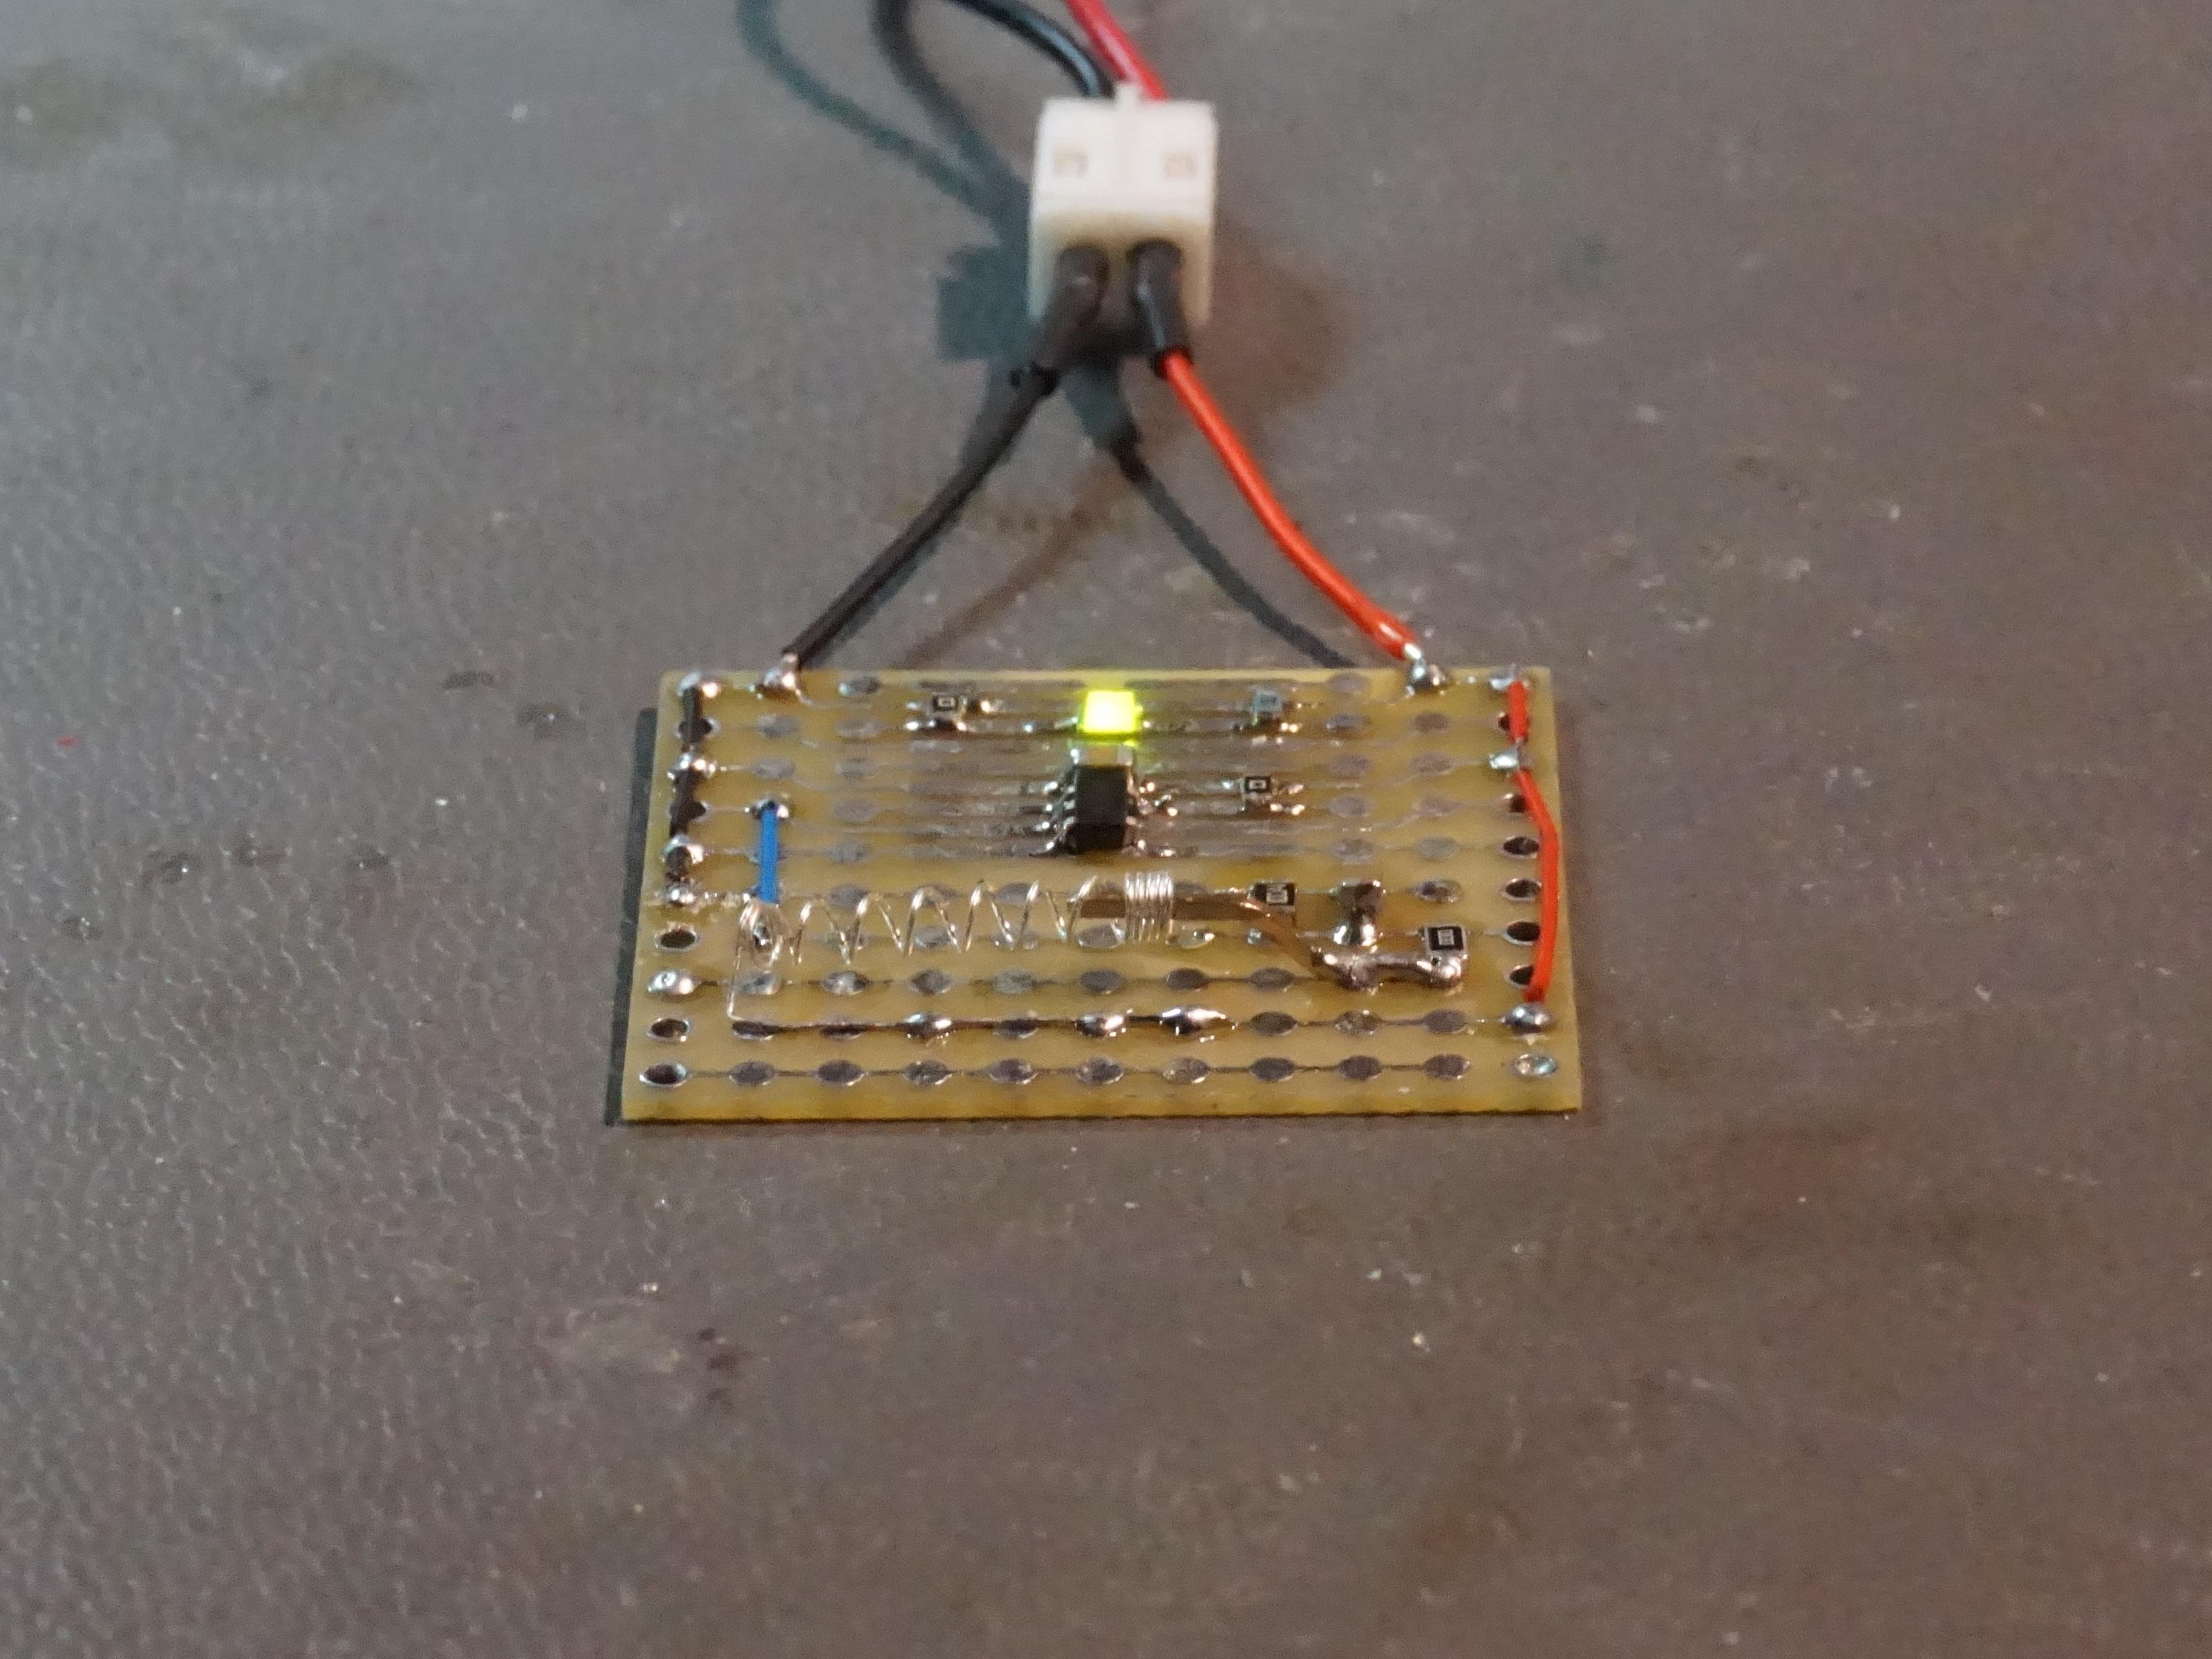 components_fx-vibration-trigger-1.jpg